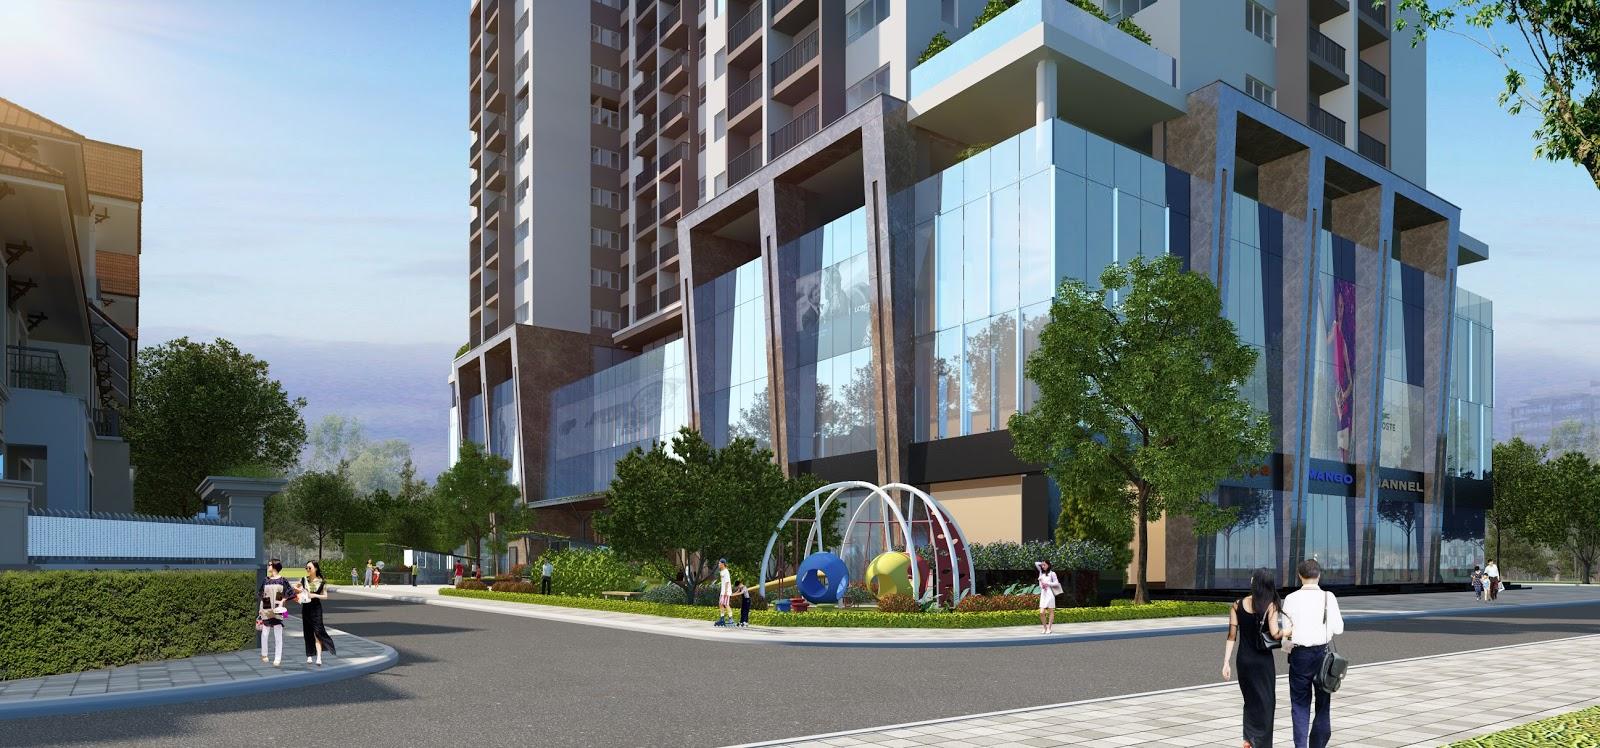 Phối cảnh trung tâm thương mại Chung cư Thanh Xuân Complex (Hapulico 24t3)